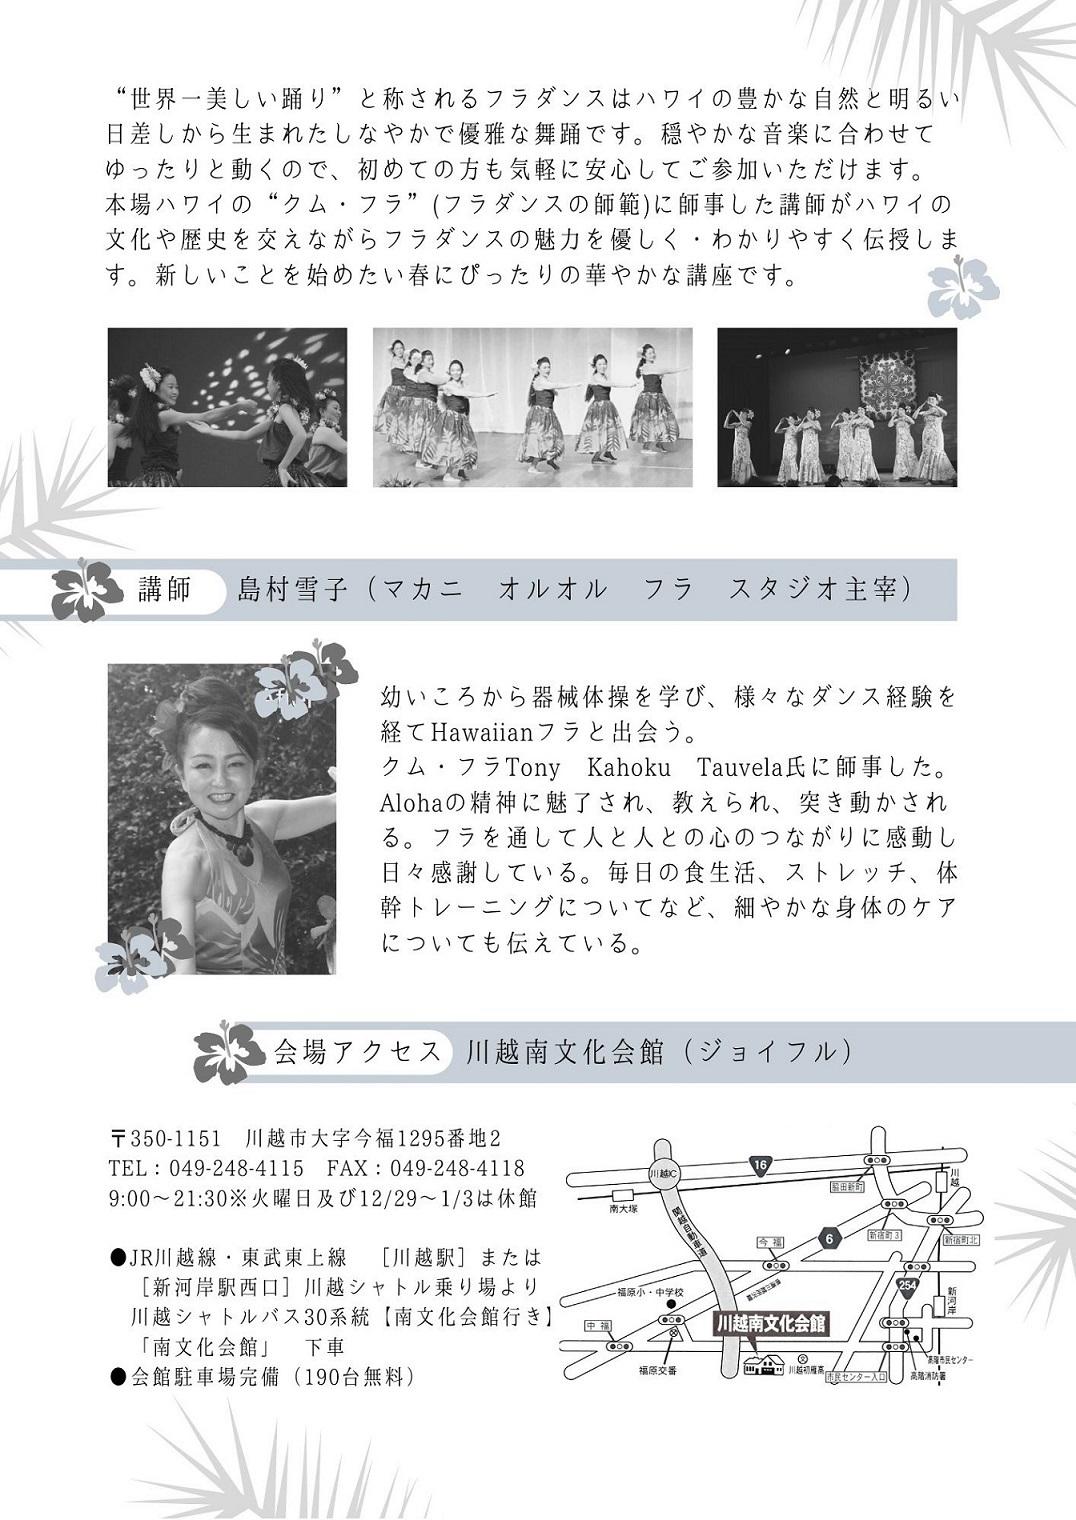 【中止】3/12(木)開催 ジョイフル体験講座「フラダンス」_d0165682_11294404.jpg